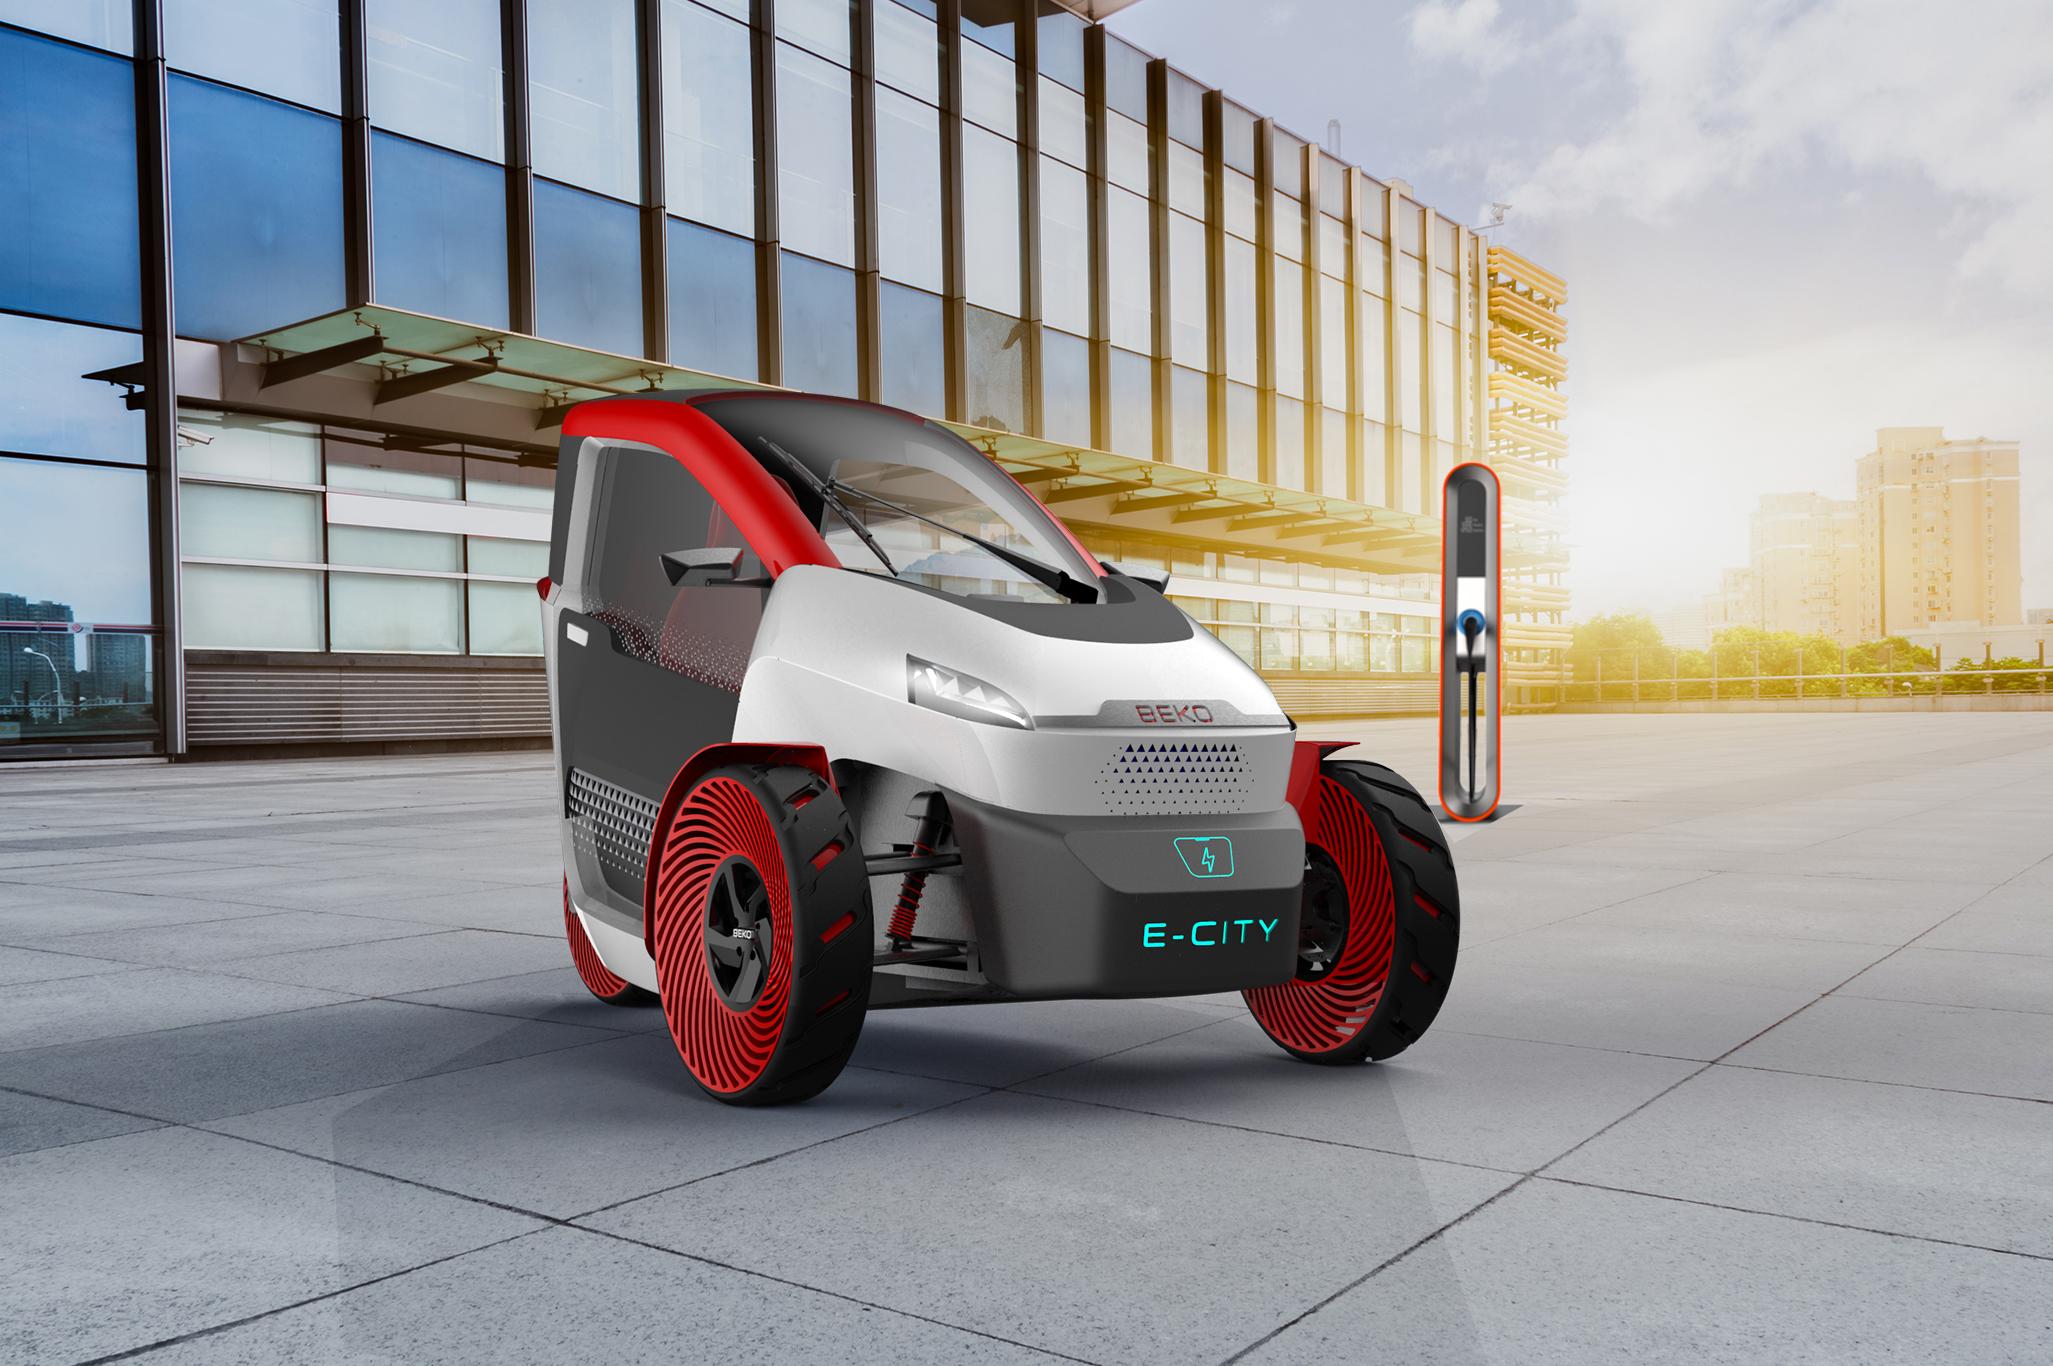 Beko concept E-city